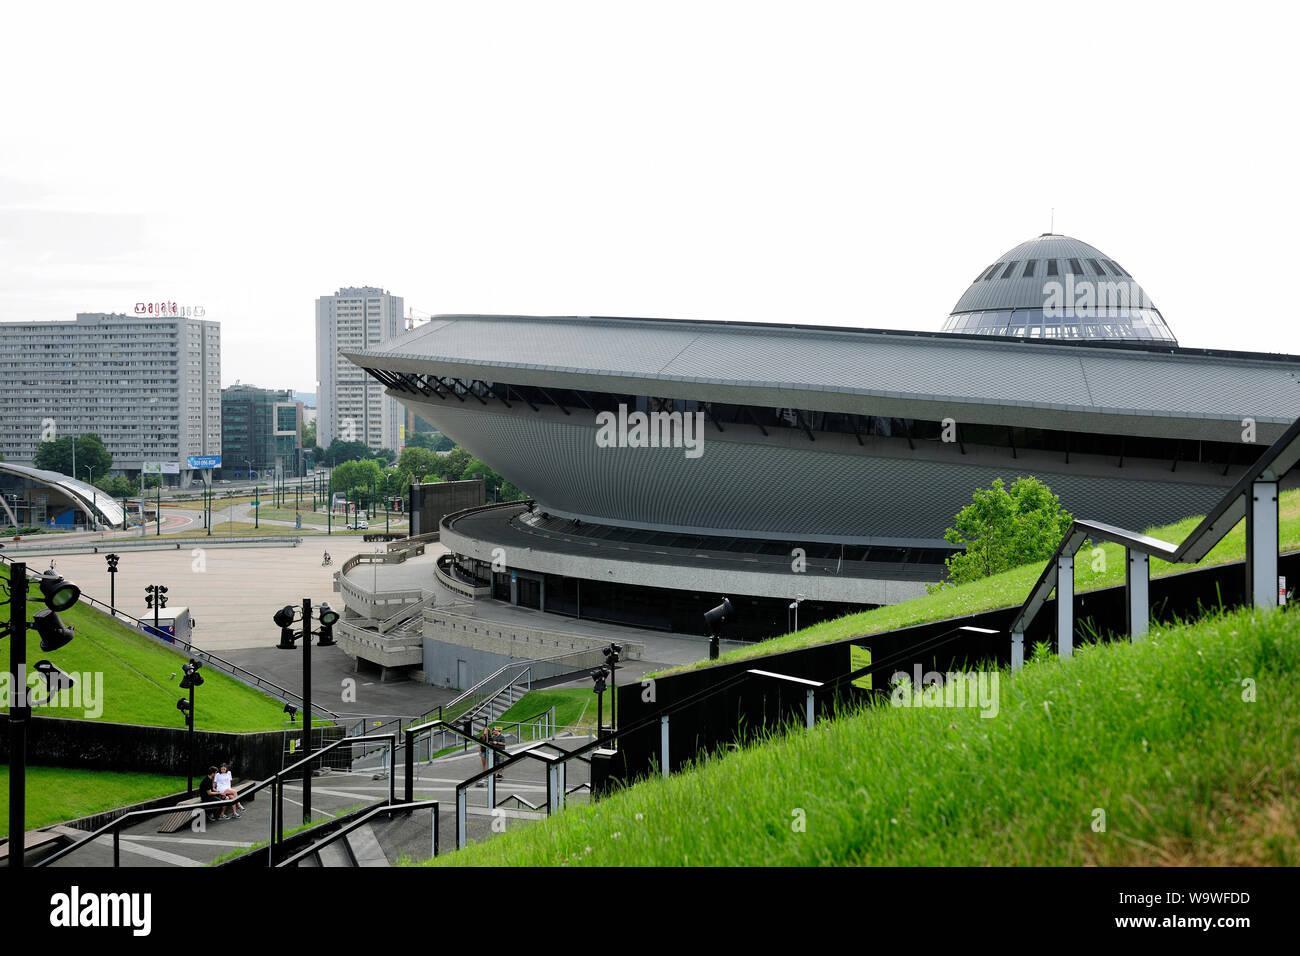 Katowice, Silesia, Slask, city,Sport arena in Katowice called Spodek, Silesia, Poland Stock Photo